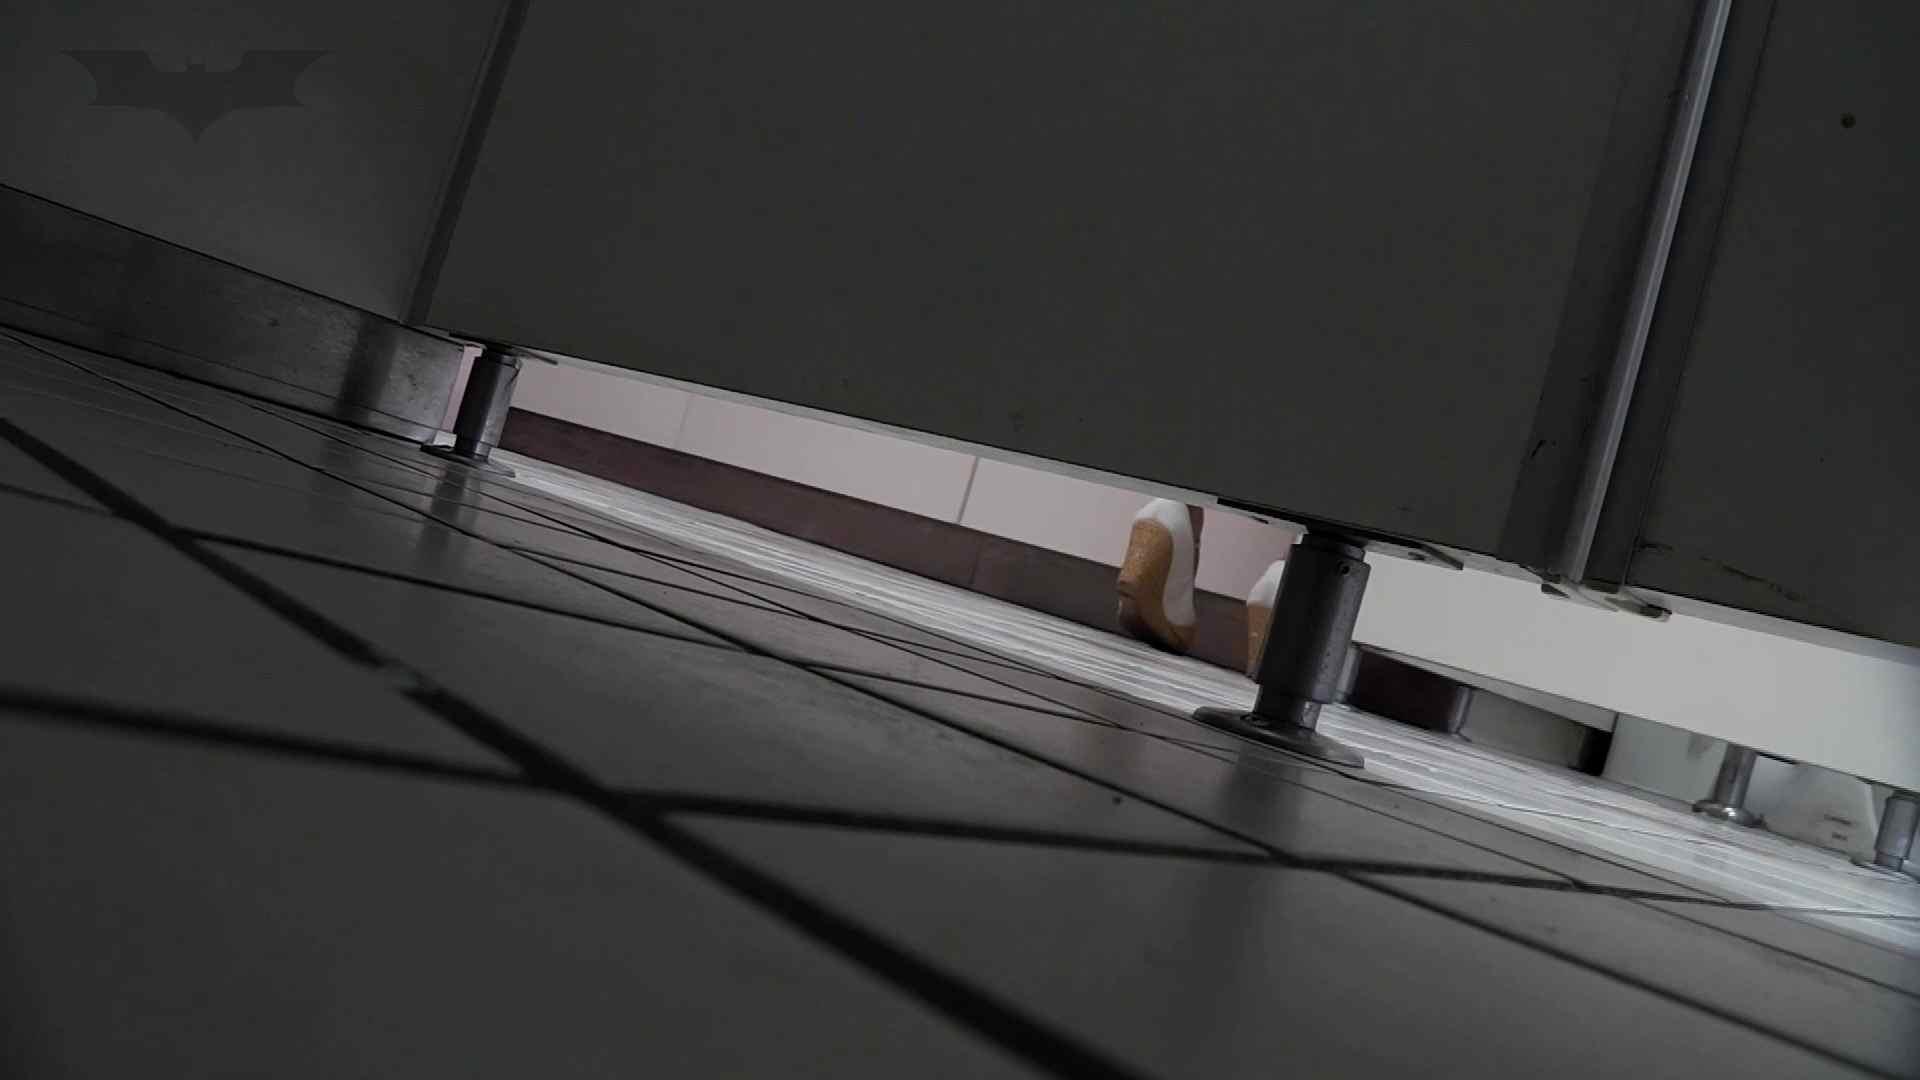 美しい日本の未来 No.33 黒パンをやっと下げる? ギャル  89連発 25